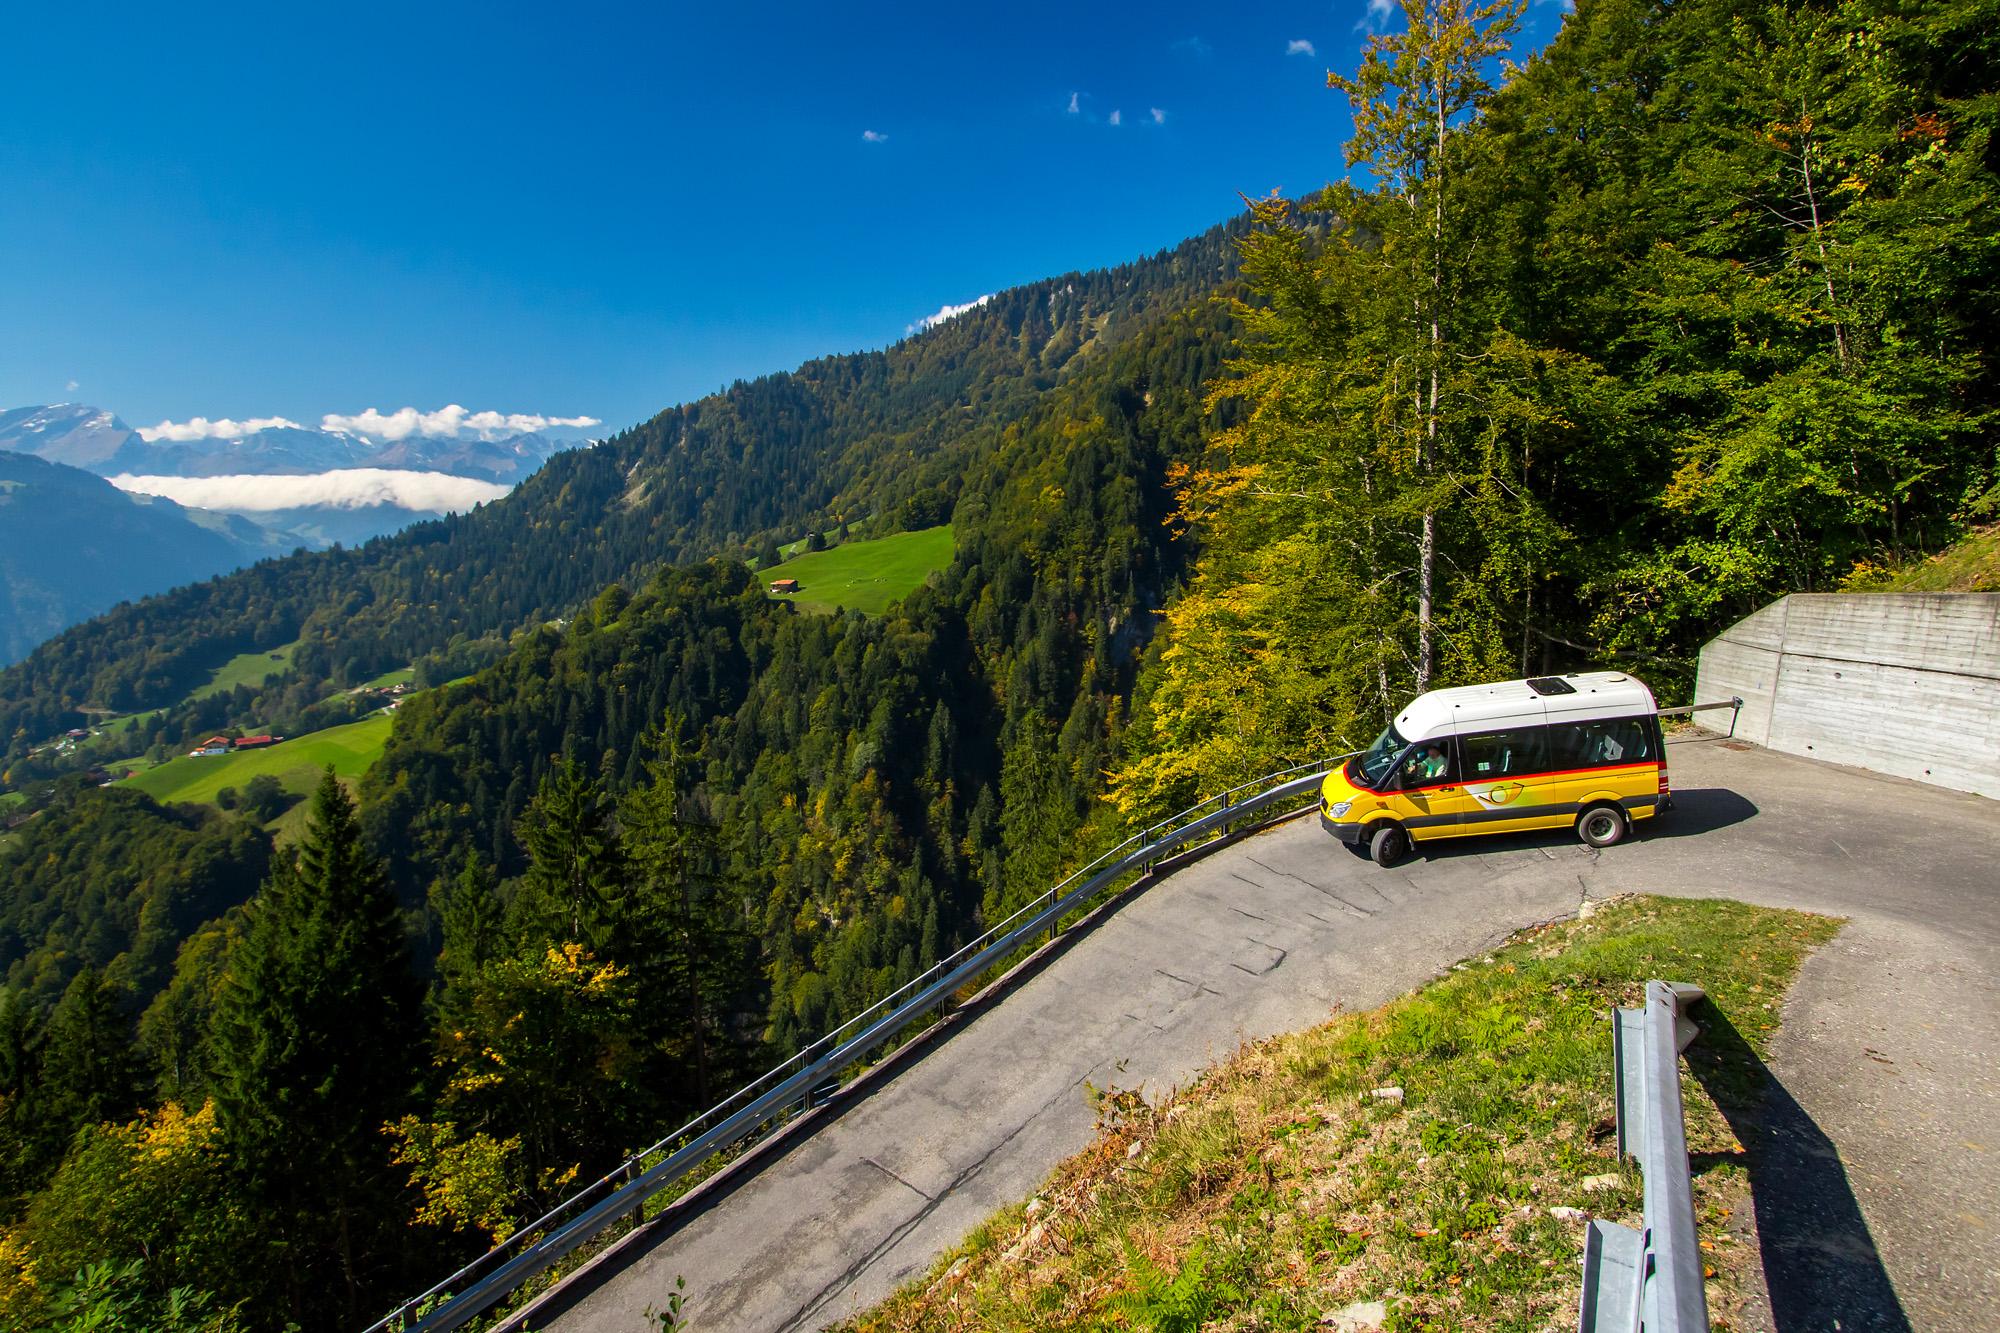 Im Zickzack unterwegs: Die Bergstrecke von Schiers nach Schuders ist doch ziemlich abenteuerlich!